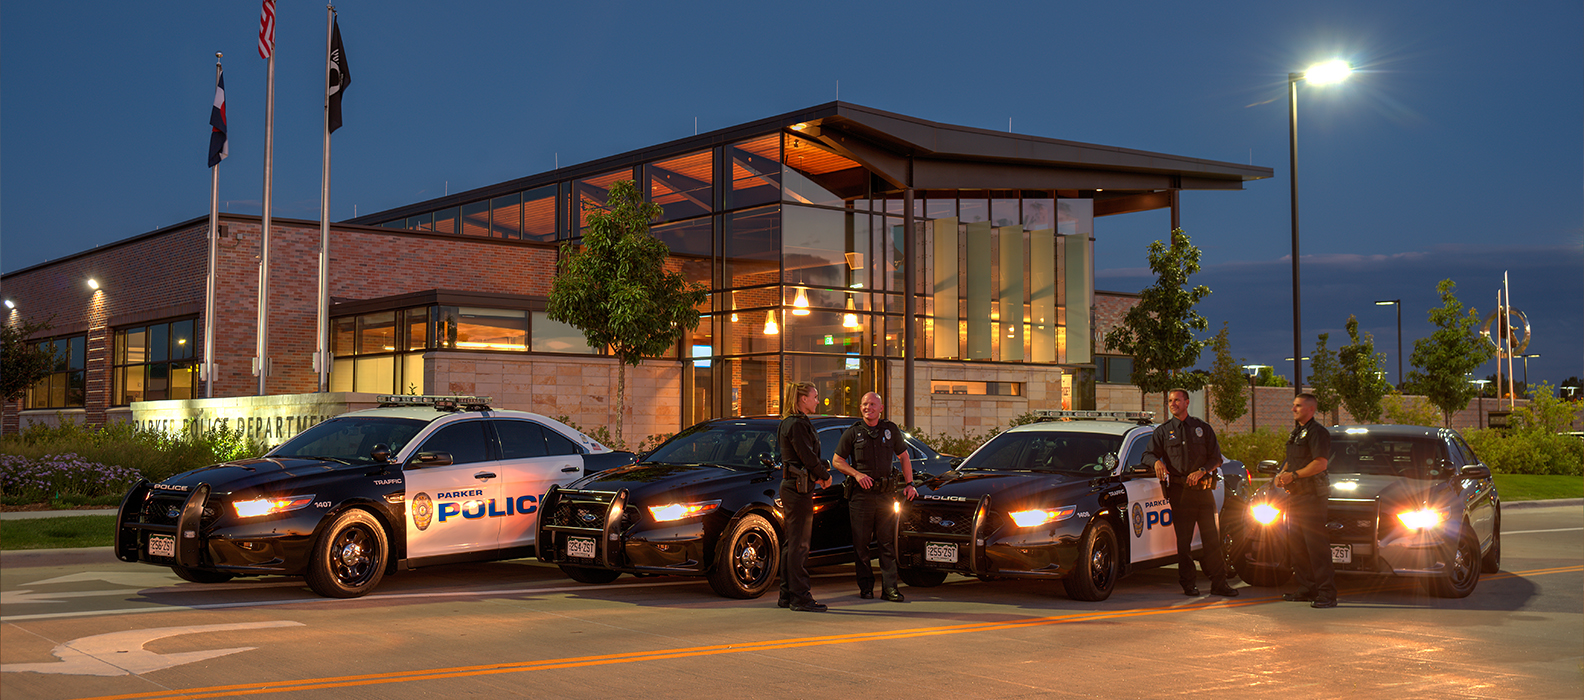 parker police official website official website